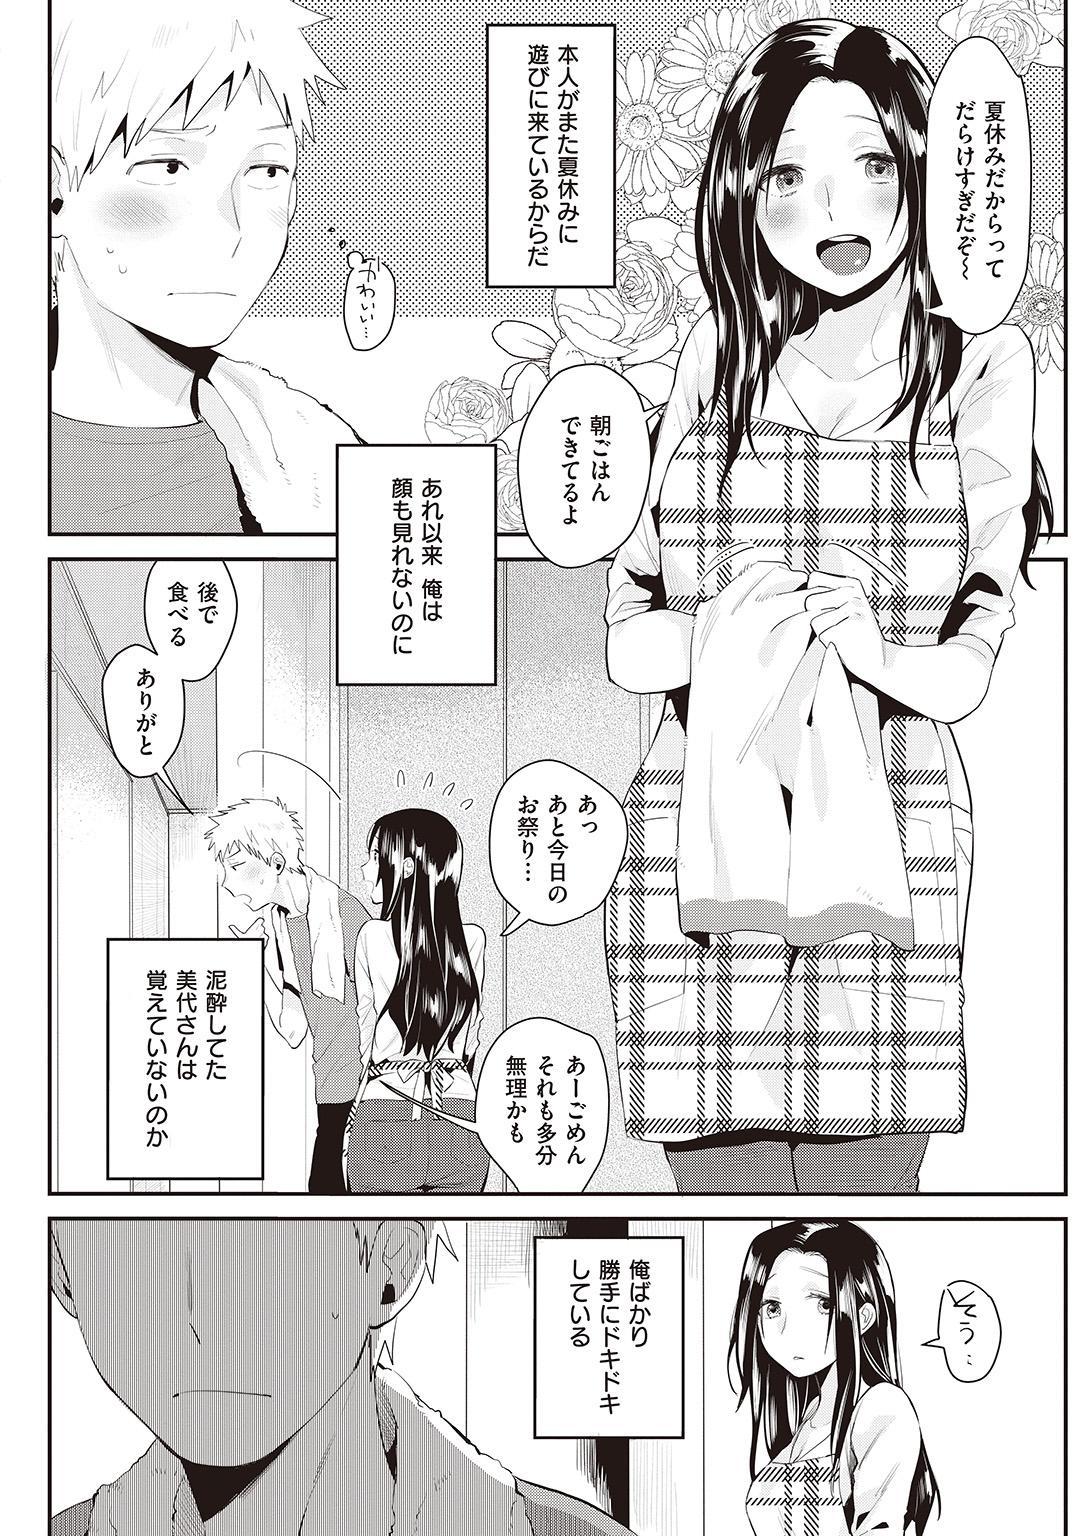 COMIC Shitsurakuten 2016-10 215